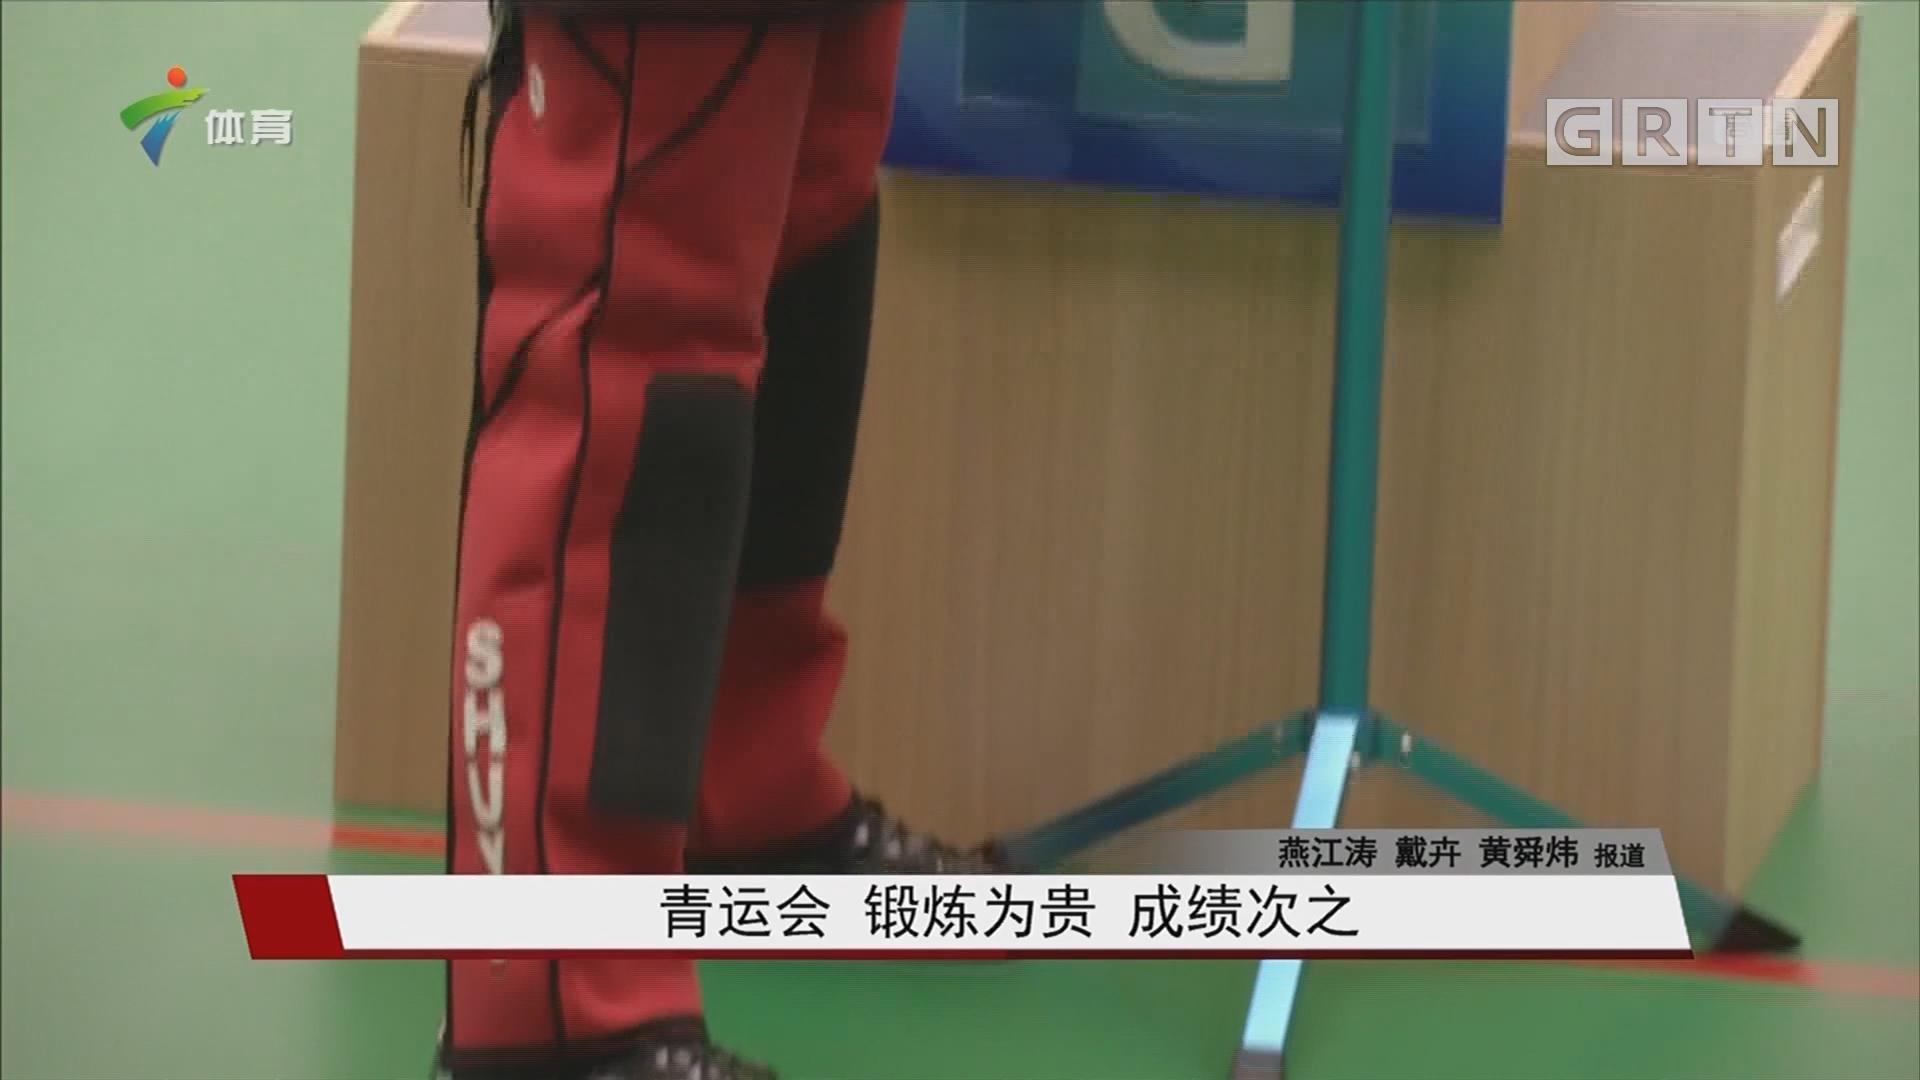 青运会 锻炼为贵 成绩次之(二)